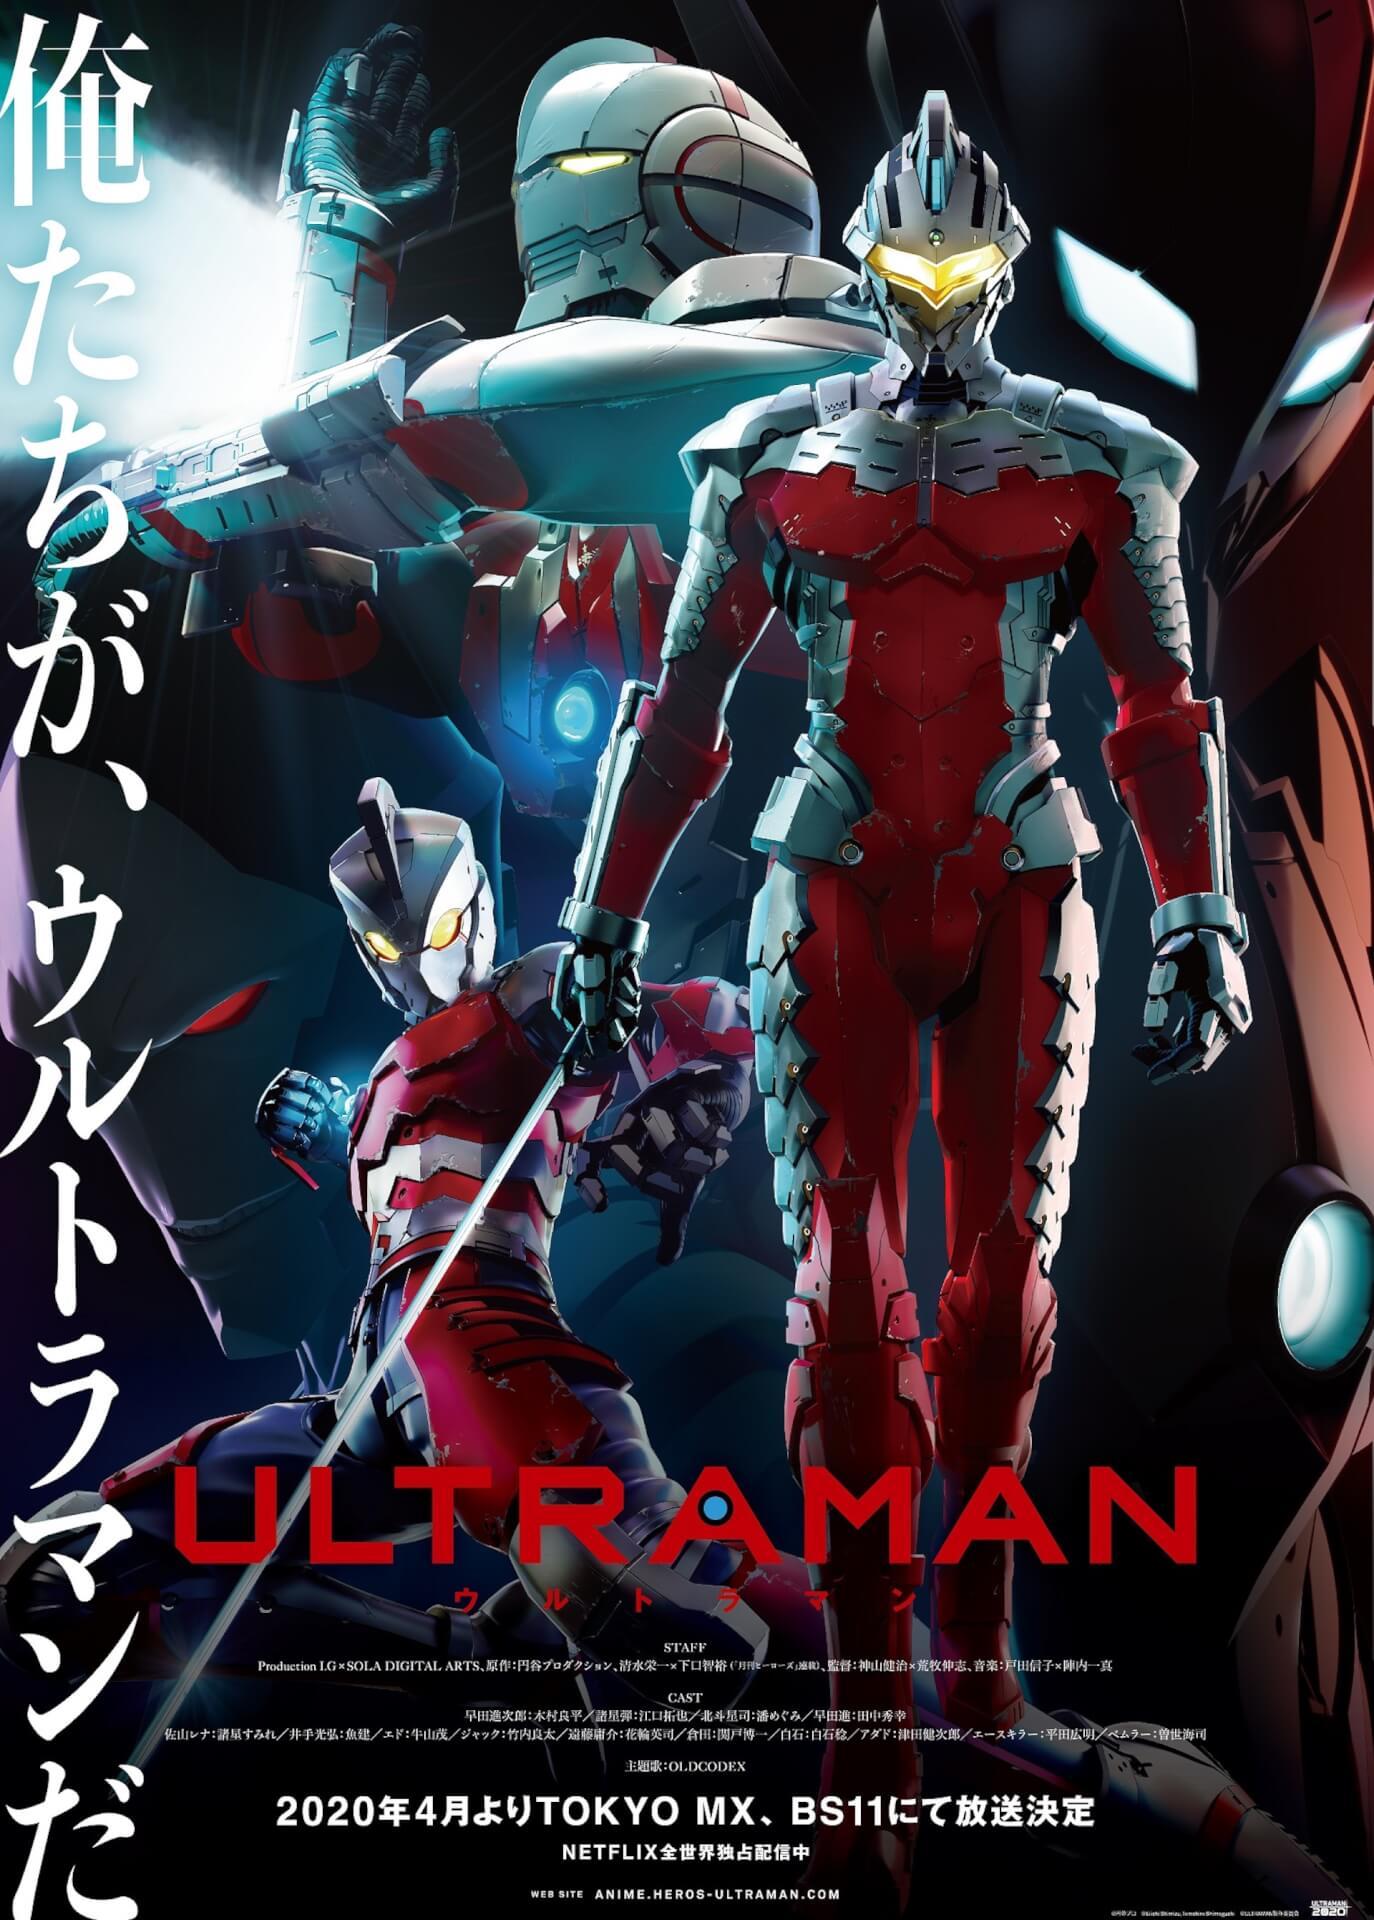 """伝説のウルトラ""""6戦士""""が集結!Netflixで配信予定の『ULTRAMAN』シーズン2ティザービジュアルがついに解禁 art210925_ultraman_1"""